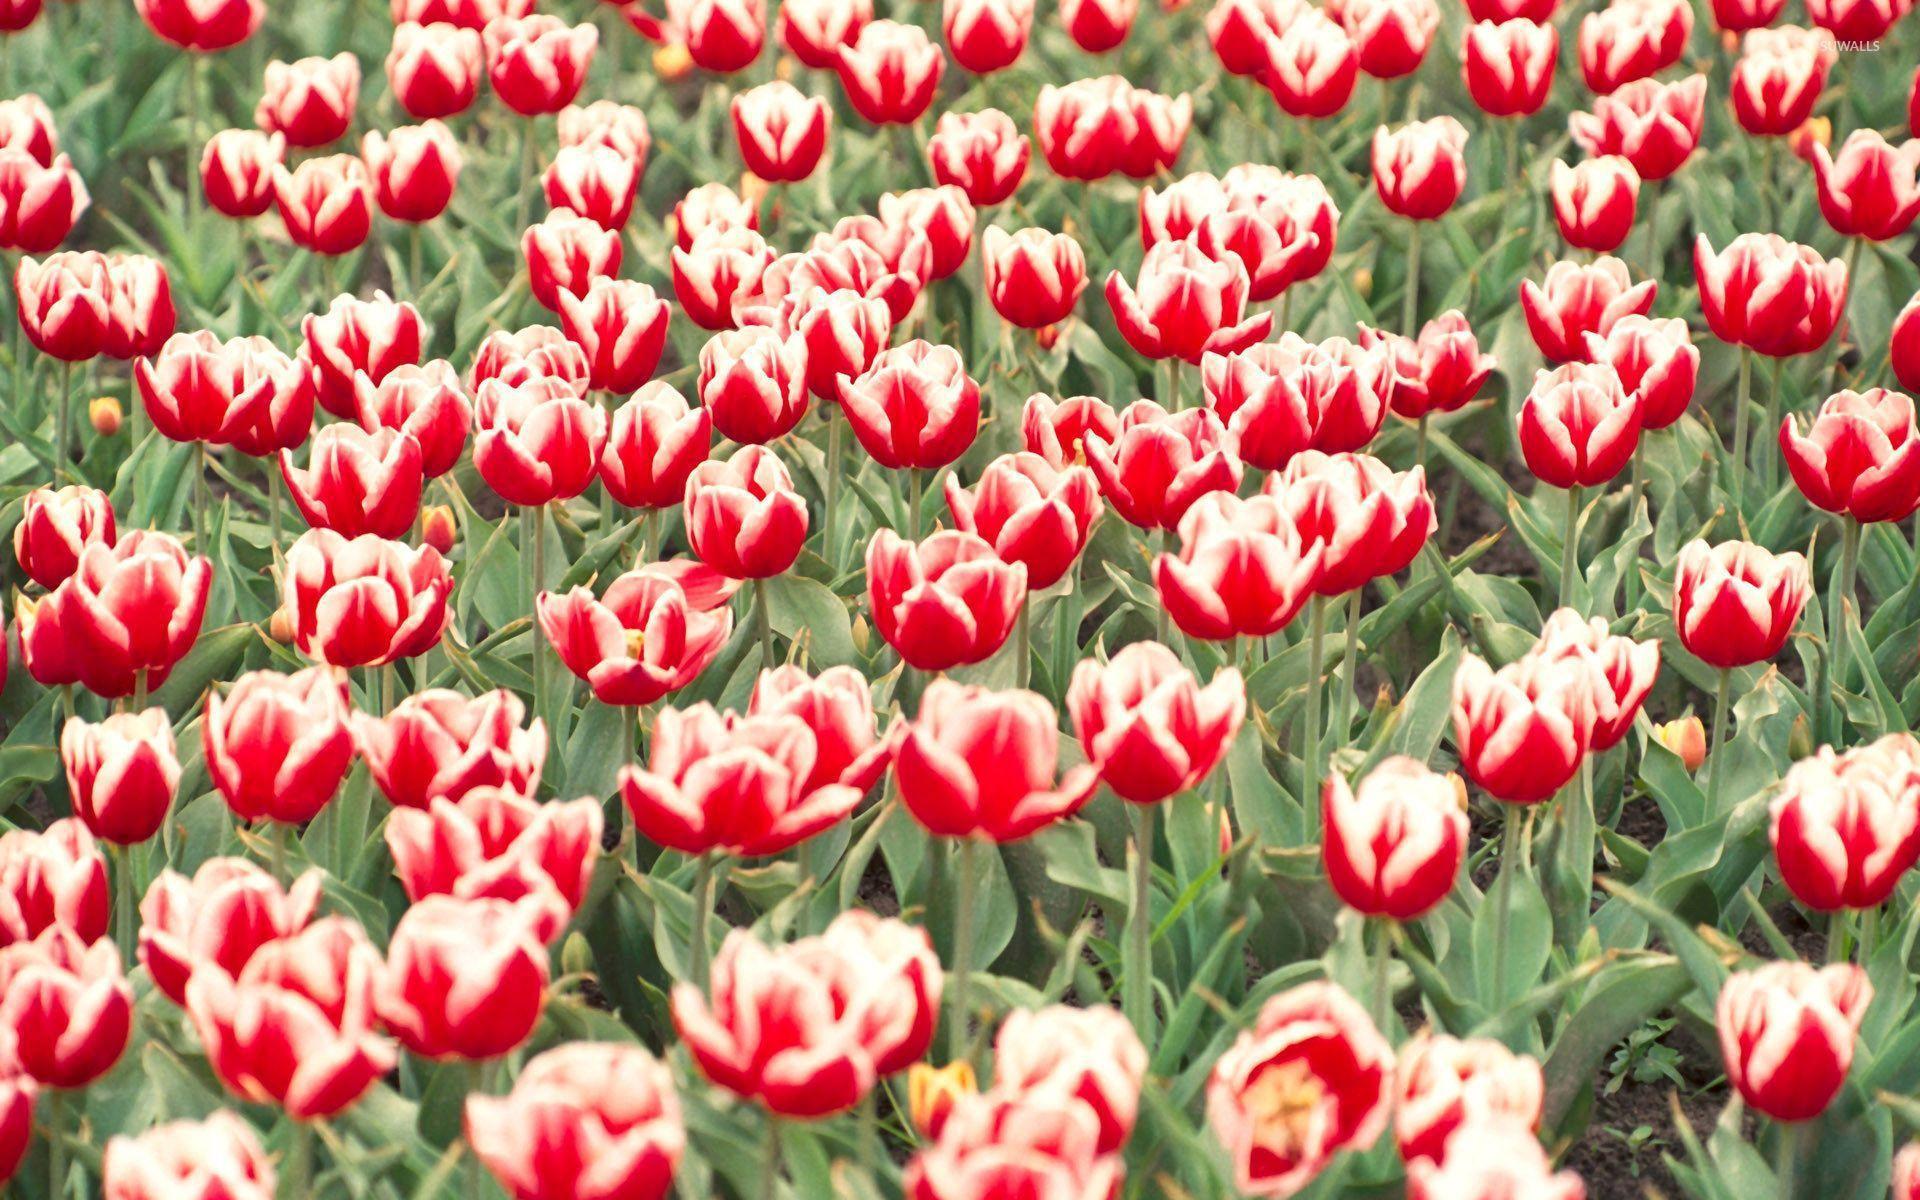 Tulips Computer Wallpaper